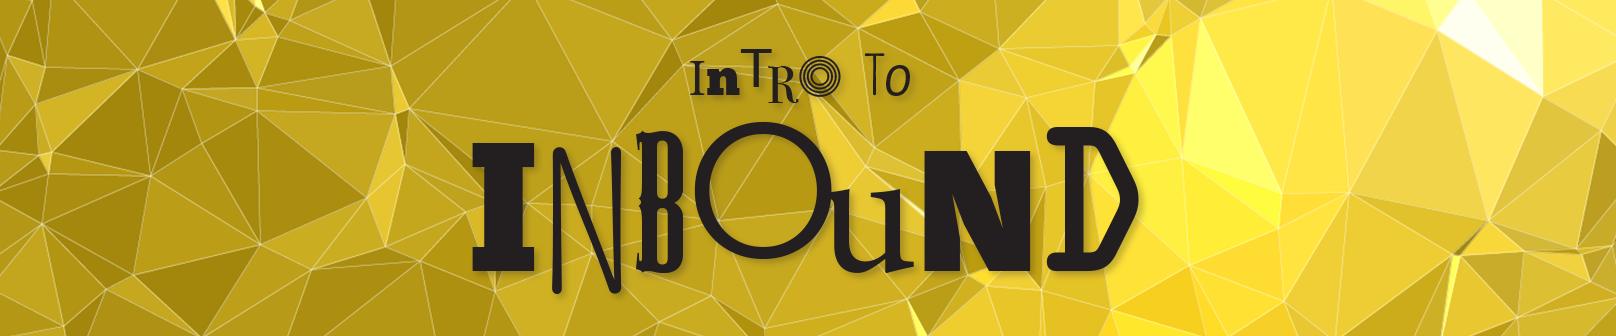 Intro to Inbound